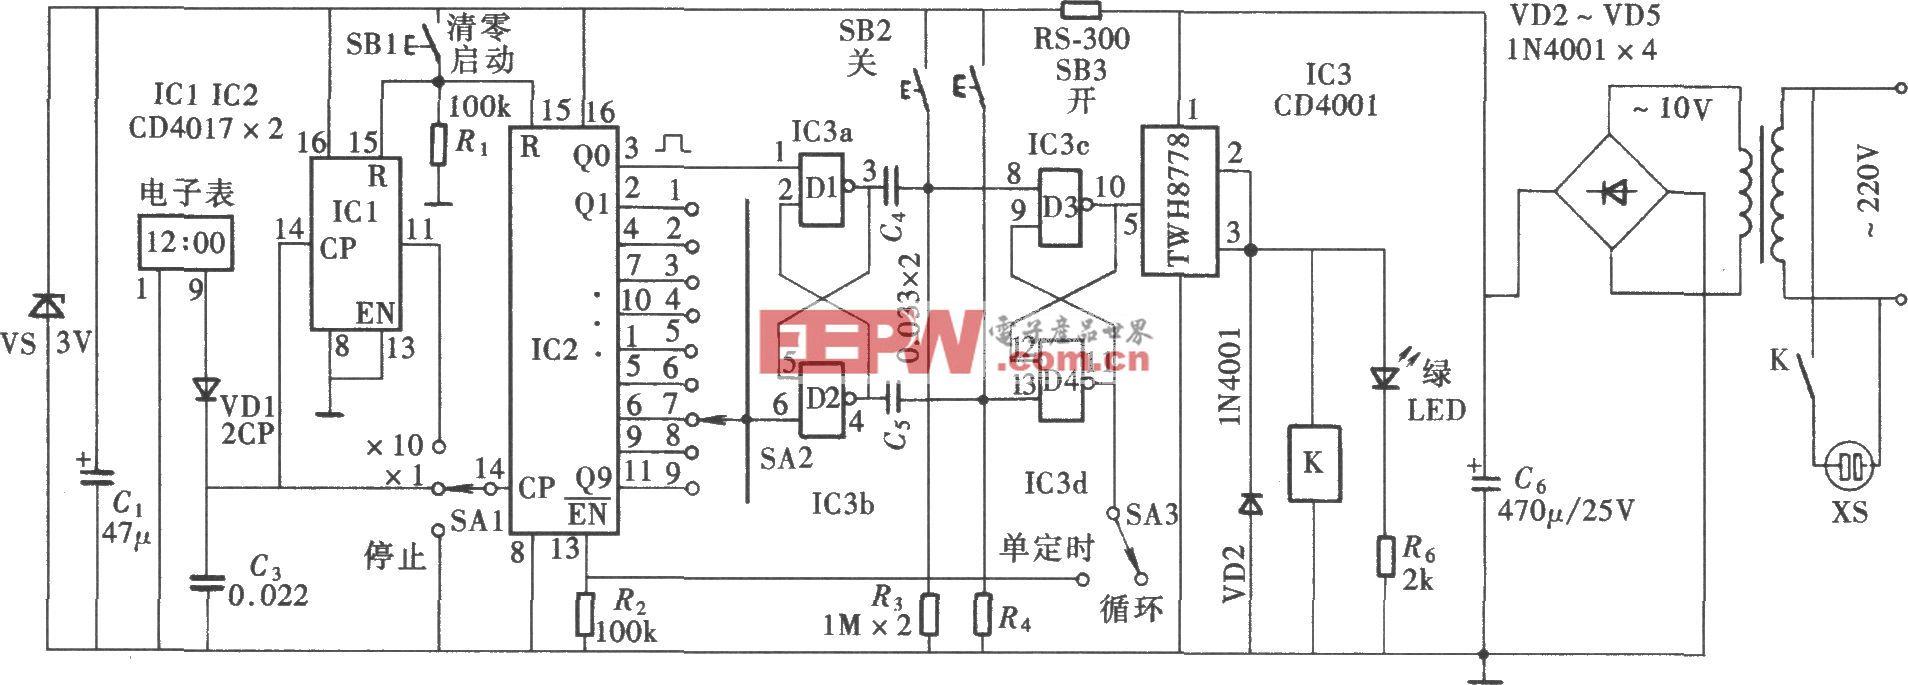 可调式可循环定时控制器(CD4001、CD4017)